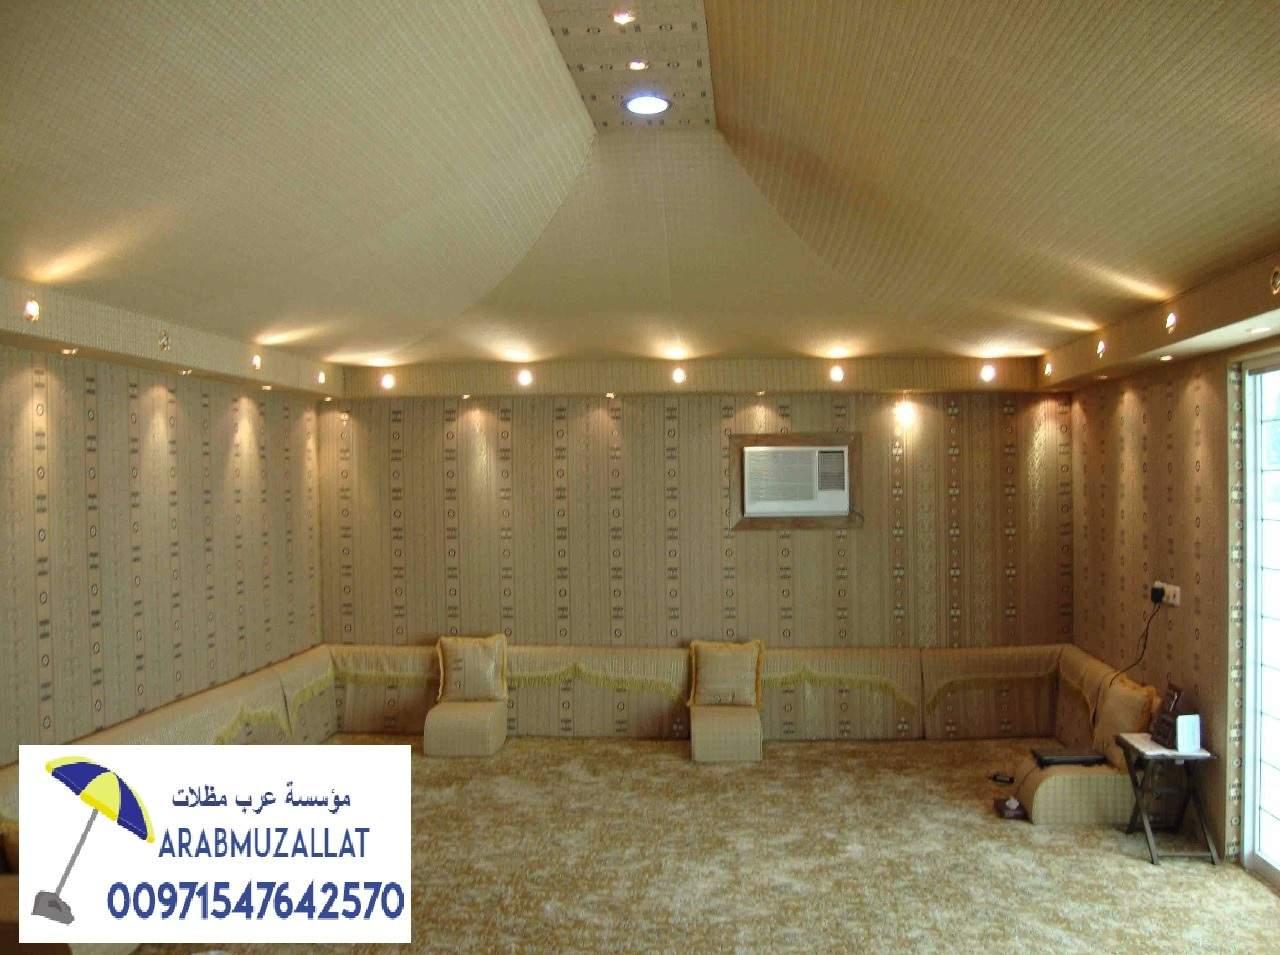 خصومات هائلة علي المظلات و السواتر 00971547642570